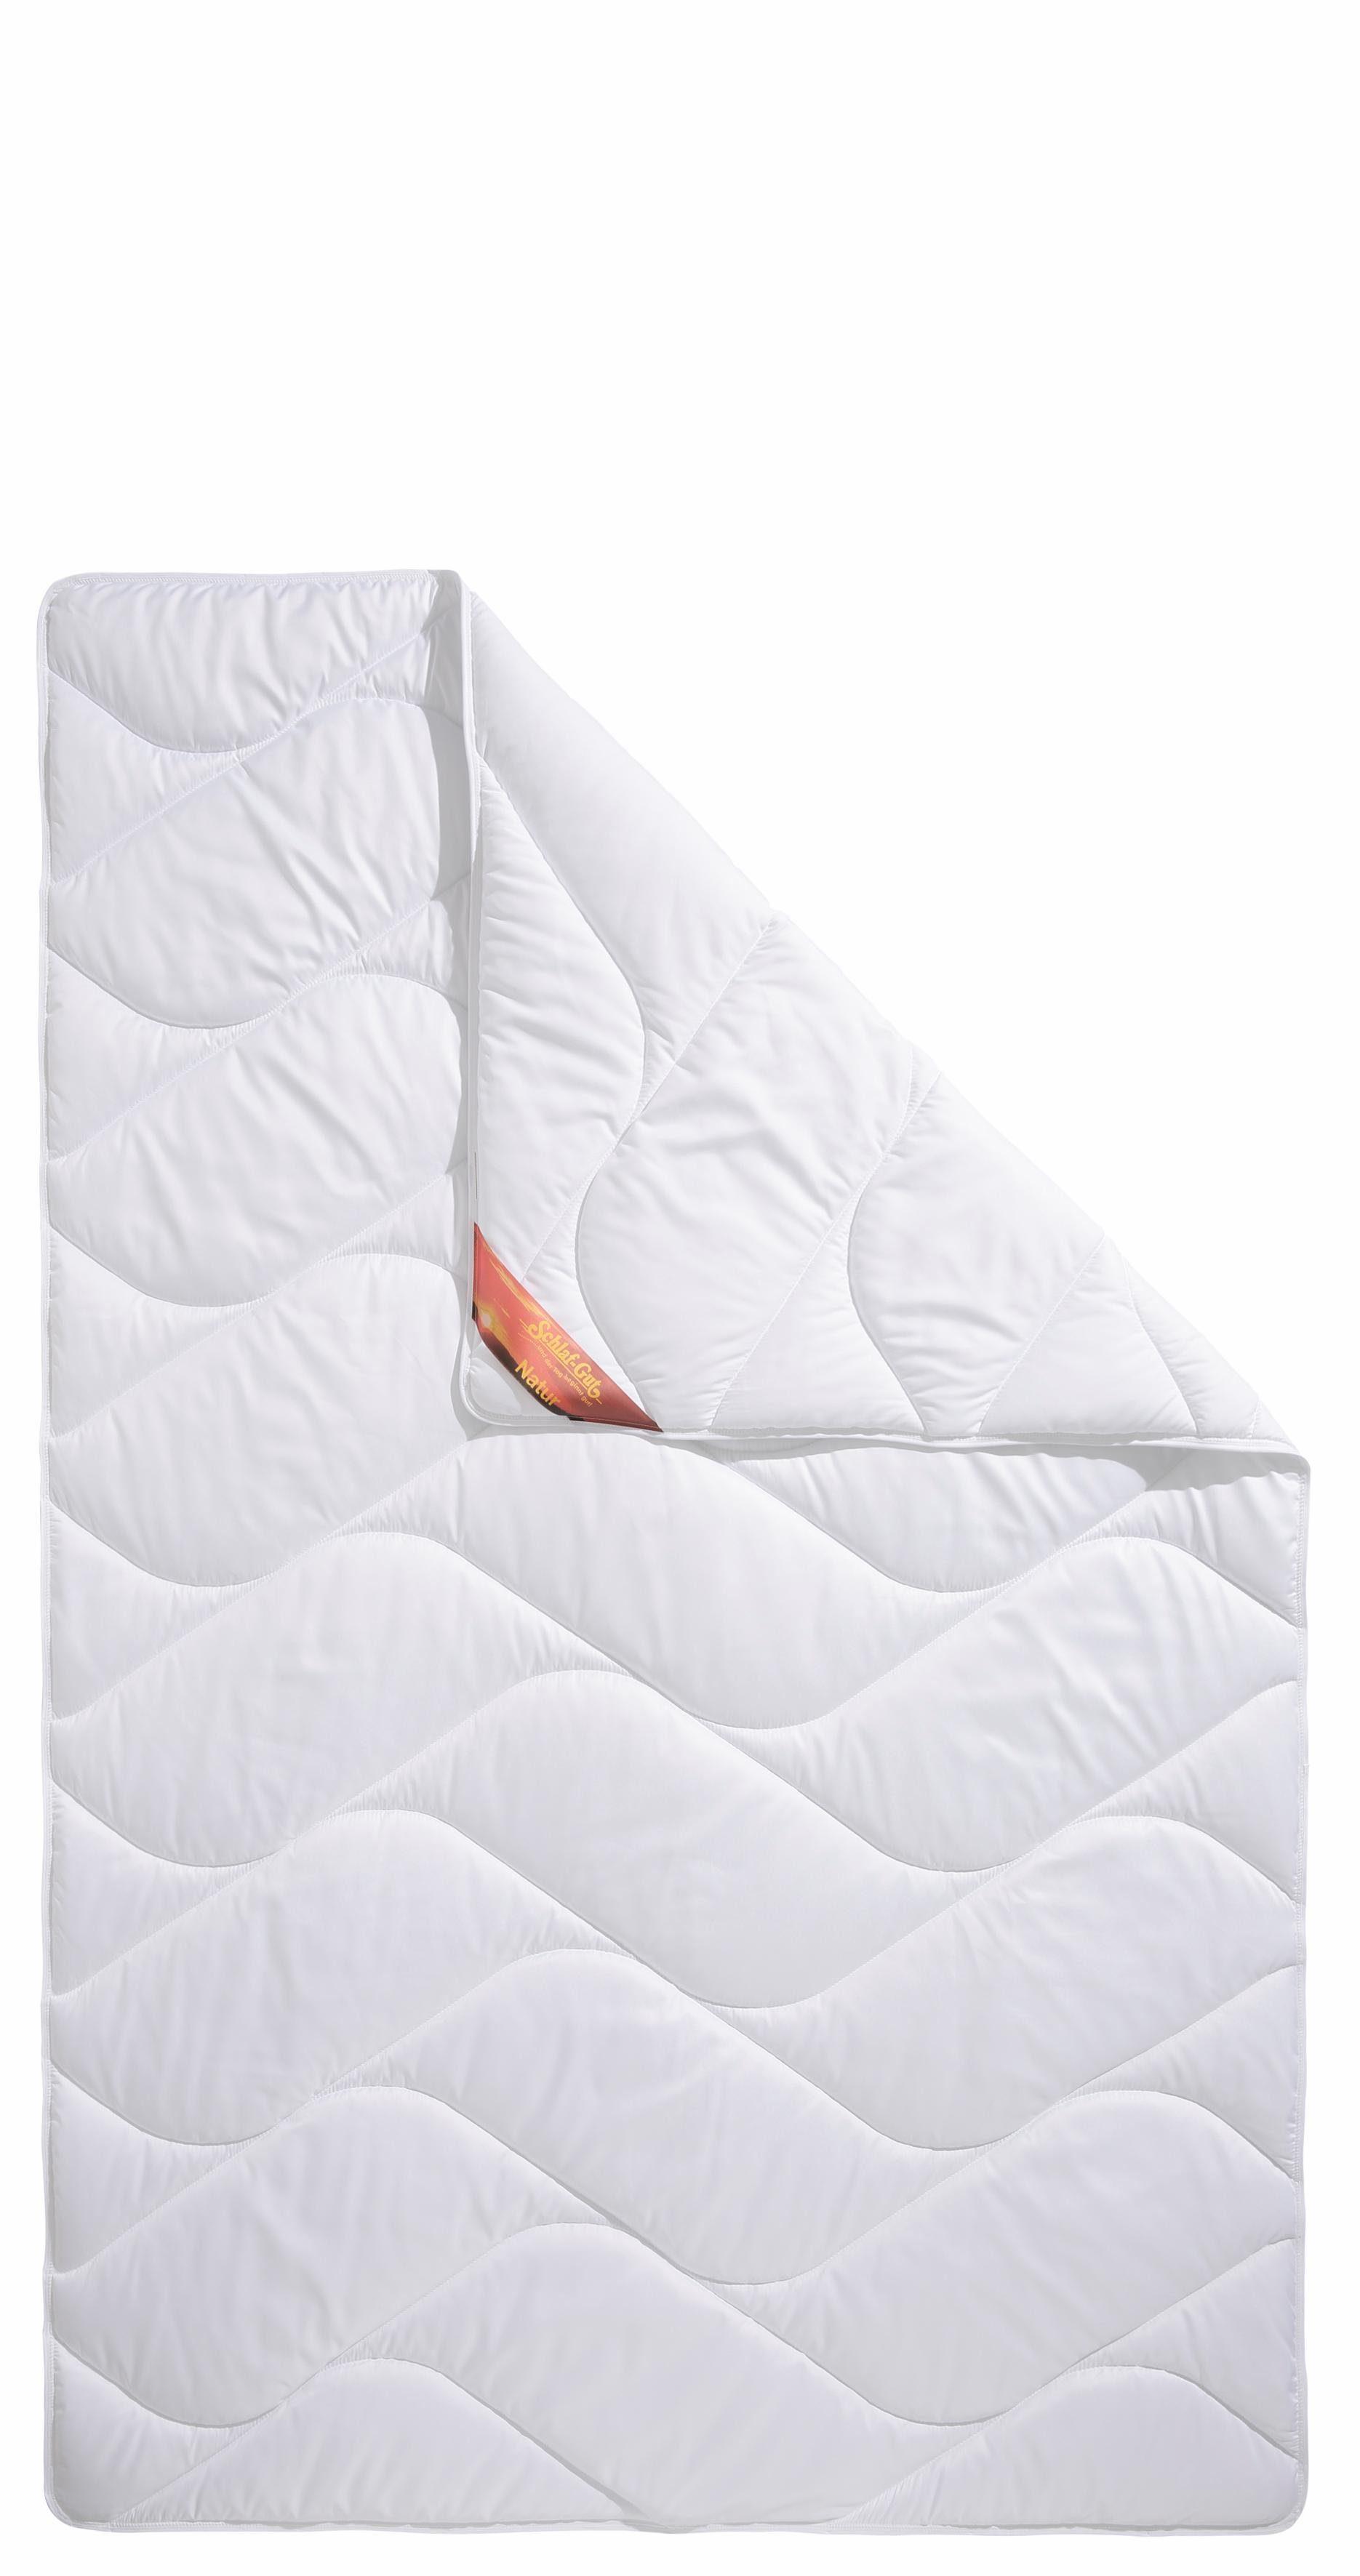 Microfaserbettdecke, »Proneem«, Schlaf-Gut, leicht, Füllung: 100% Polyester aus recycelten Materialien, Bezug: 100% Baumwolle, (1-tlg), mit Baumwoll-Bezug